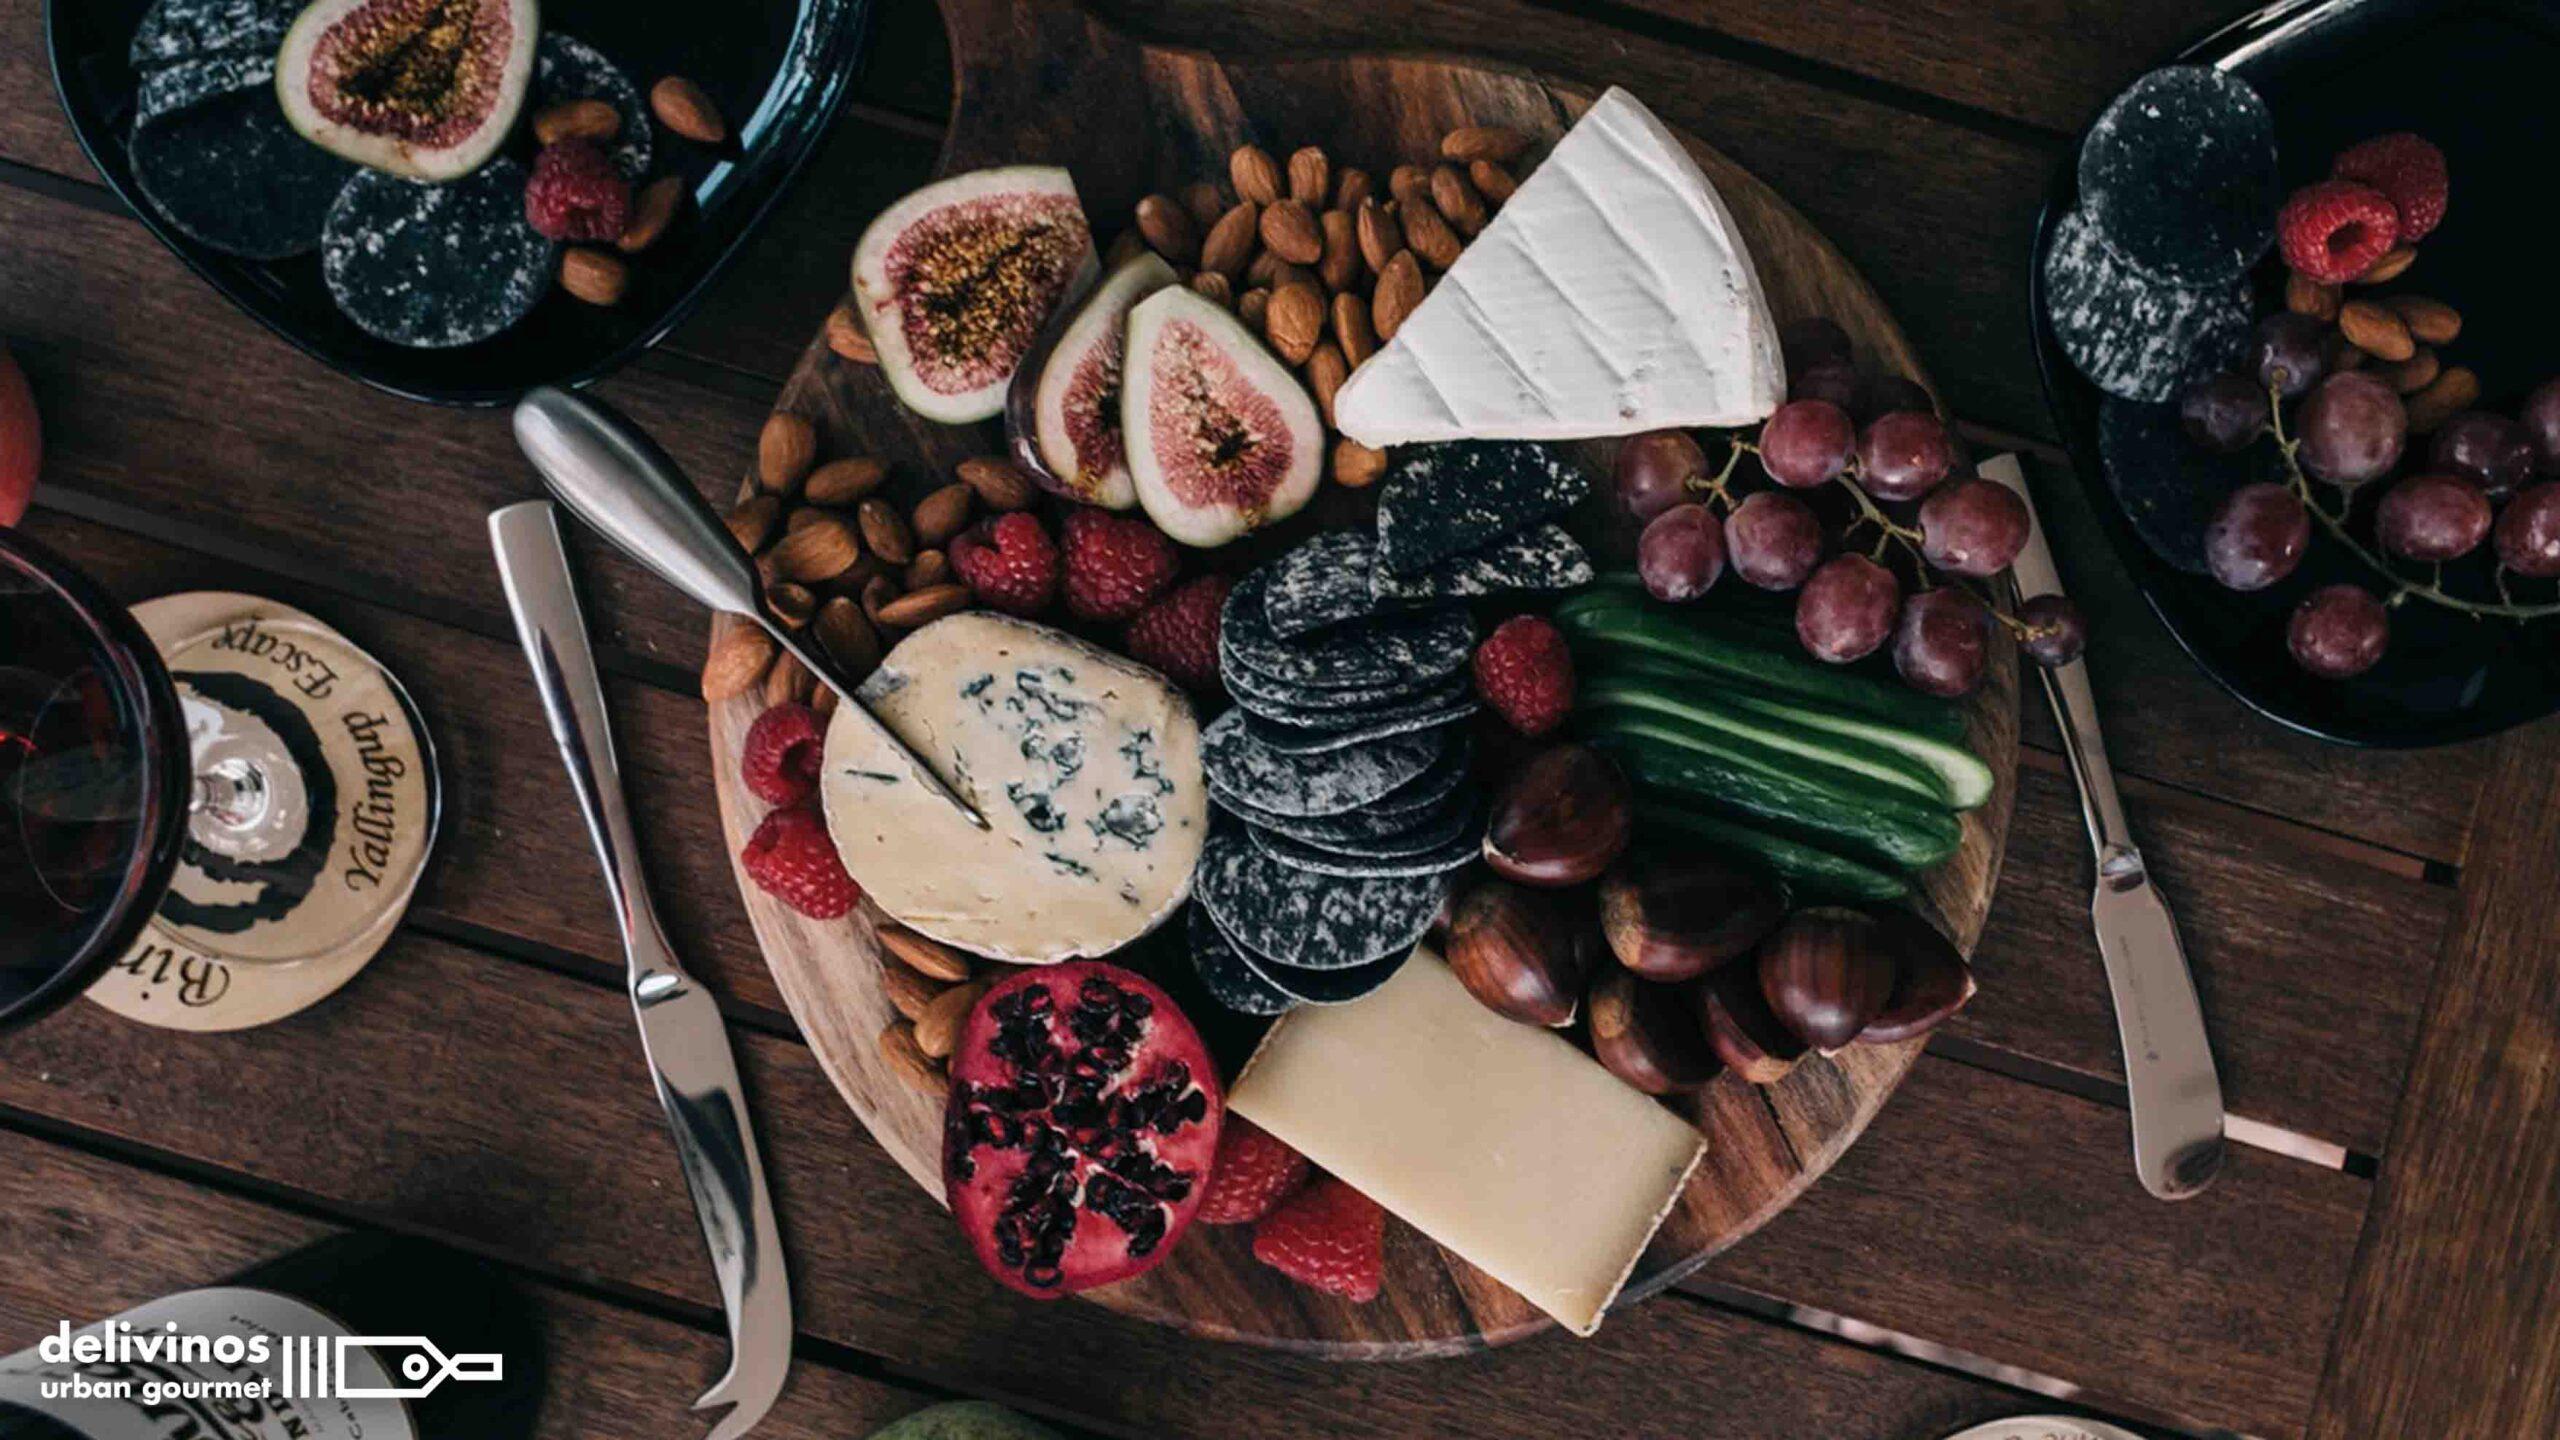 01-Los productos gourmet más consumidos en España